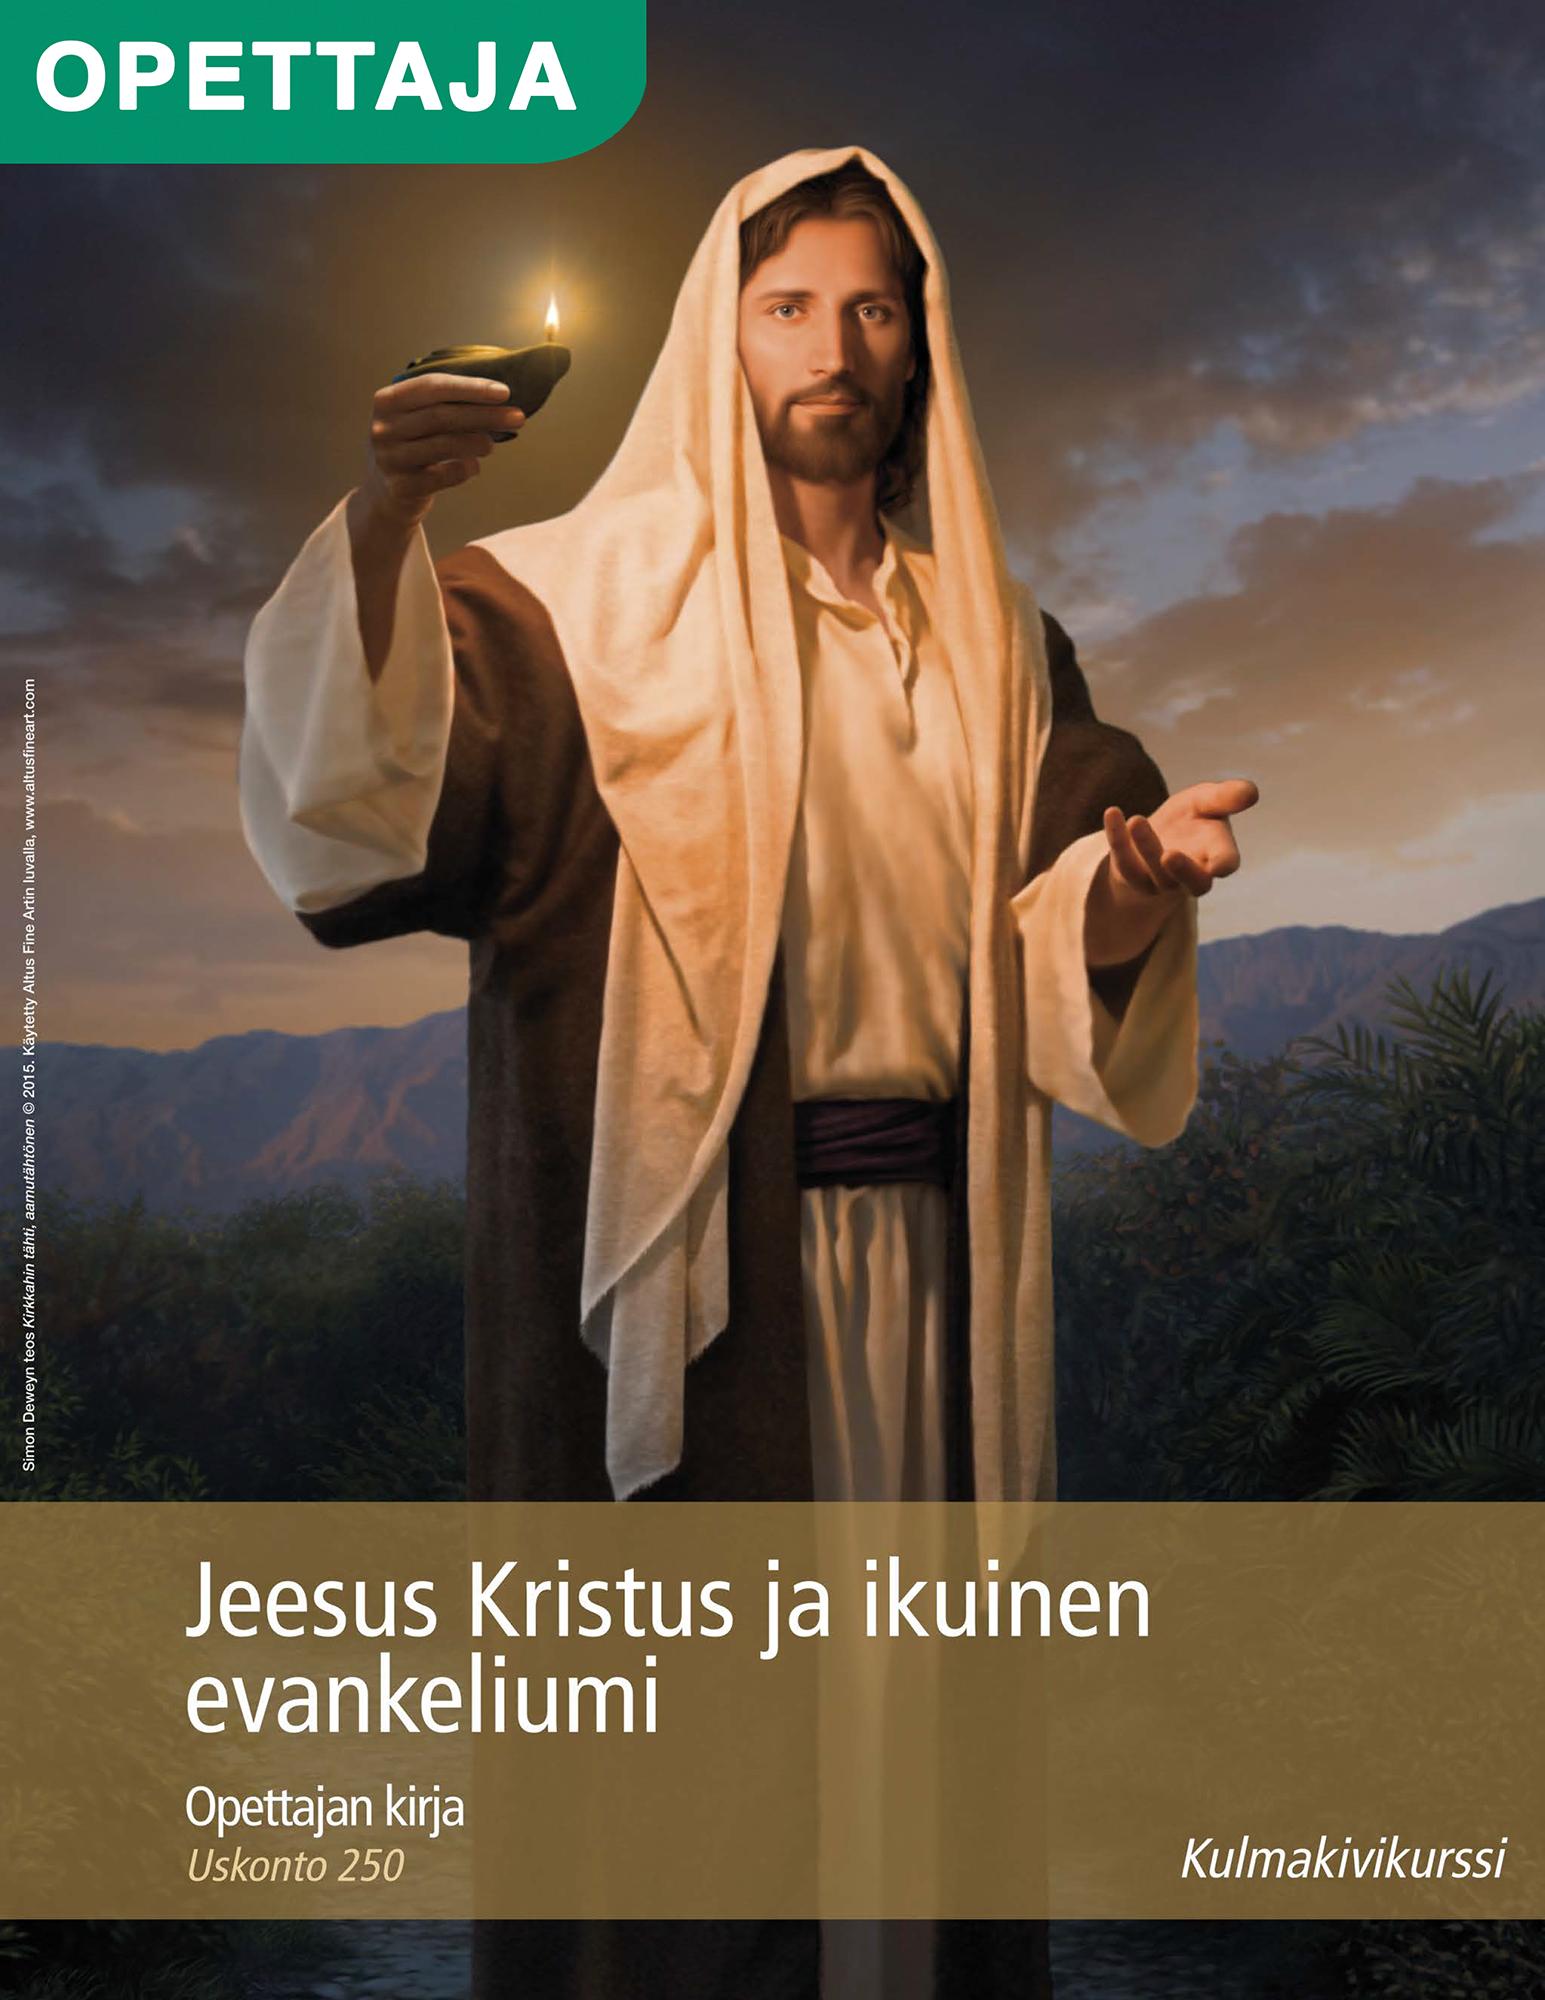 Jeesus Kristus ja ikuinen evankeliumi, opettajan kirja (Uskonto 250)